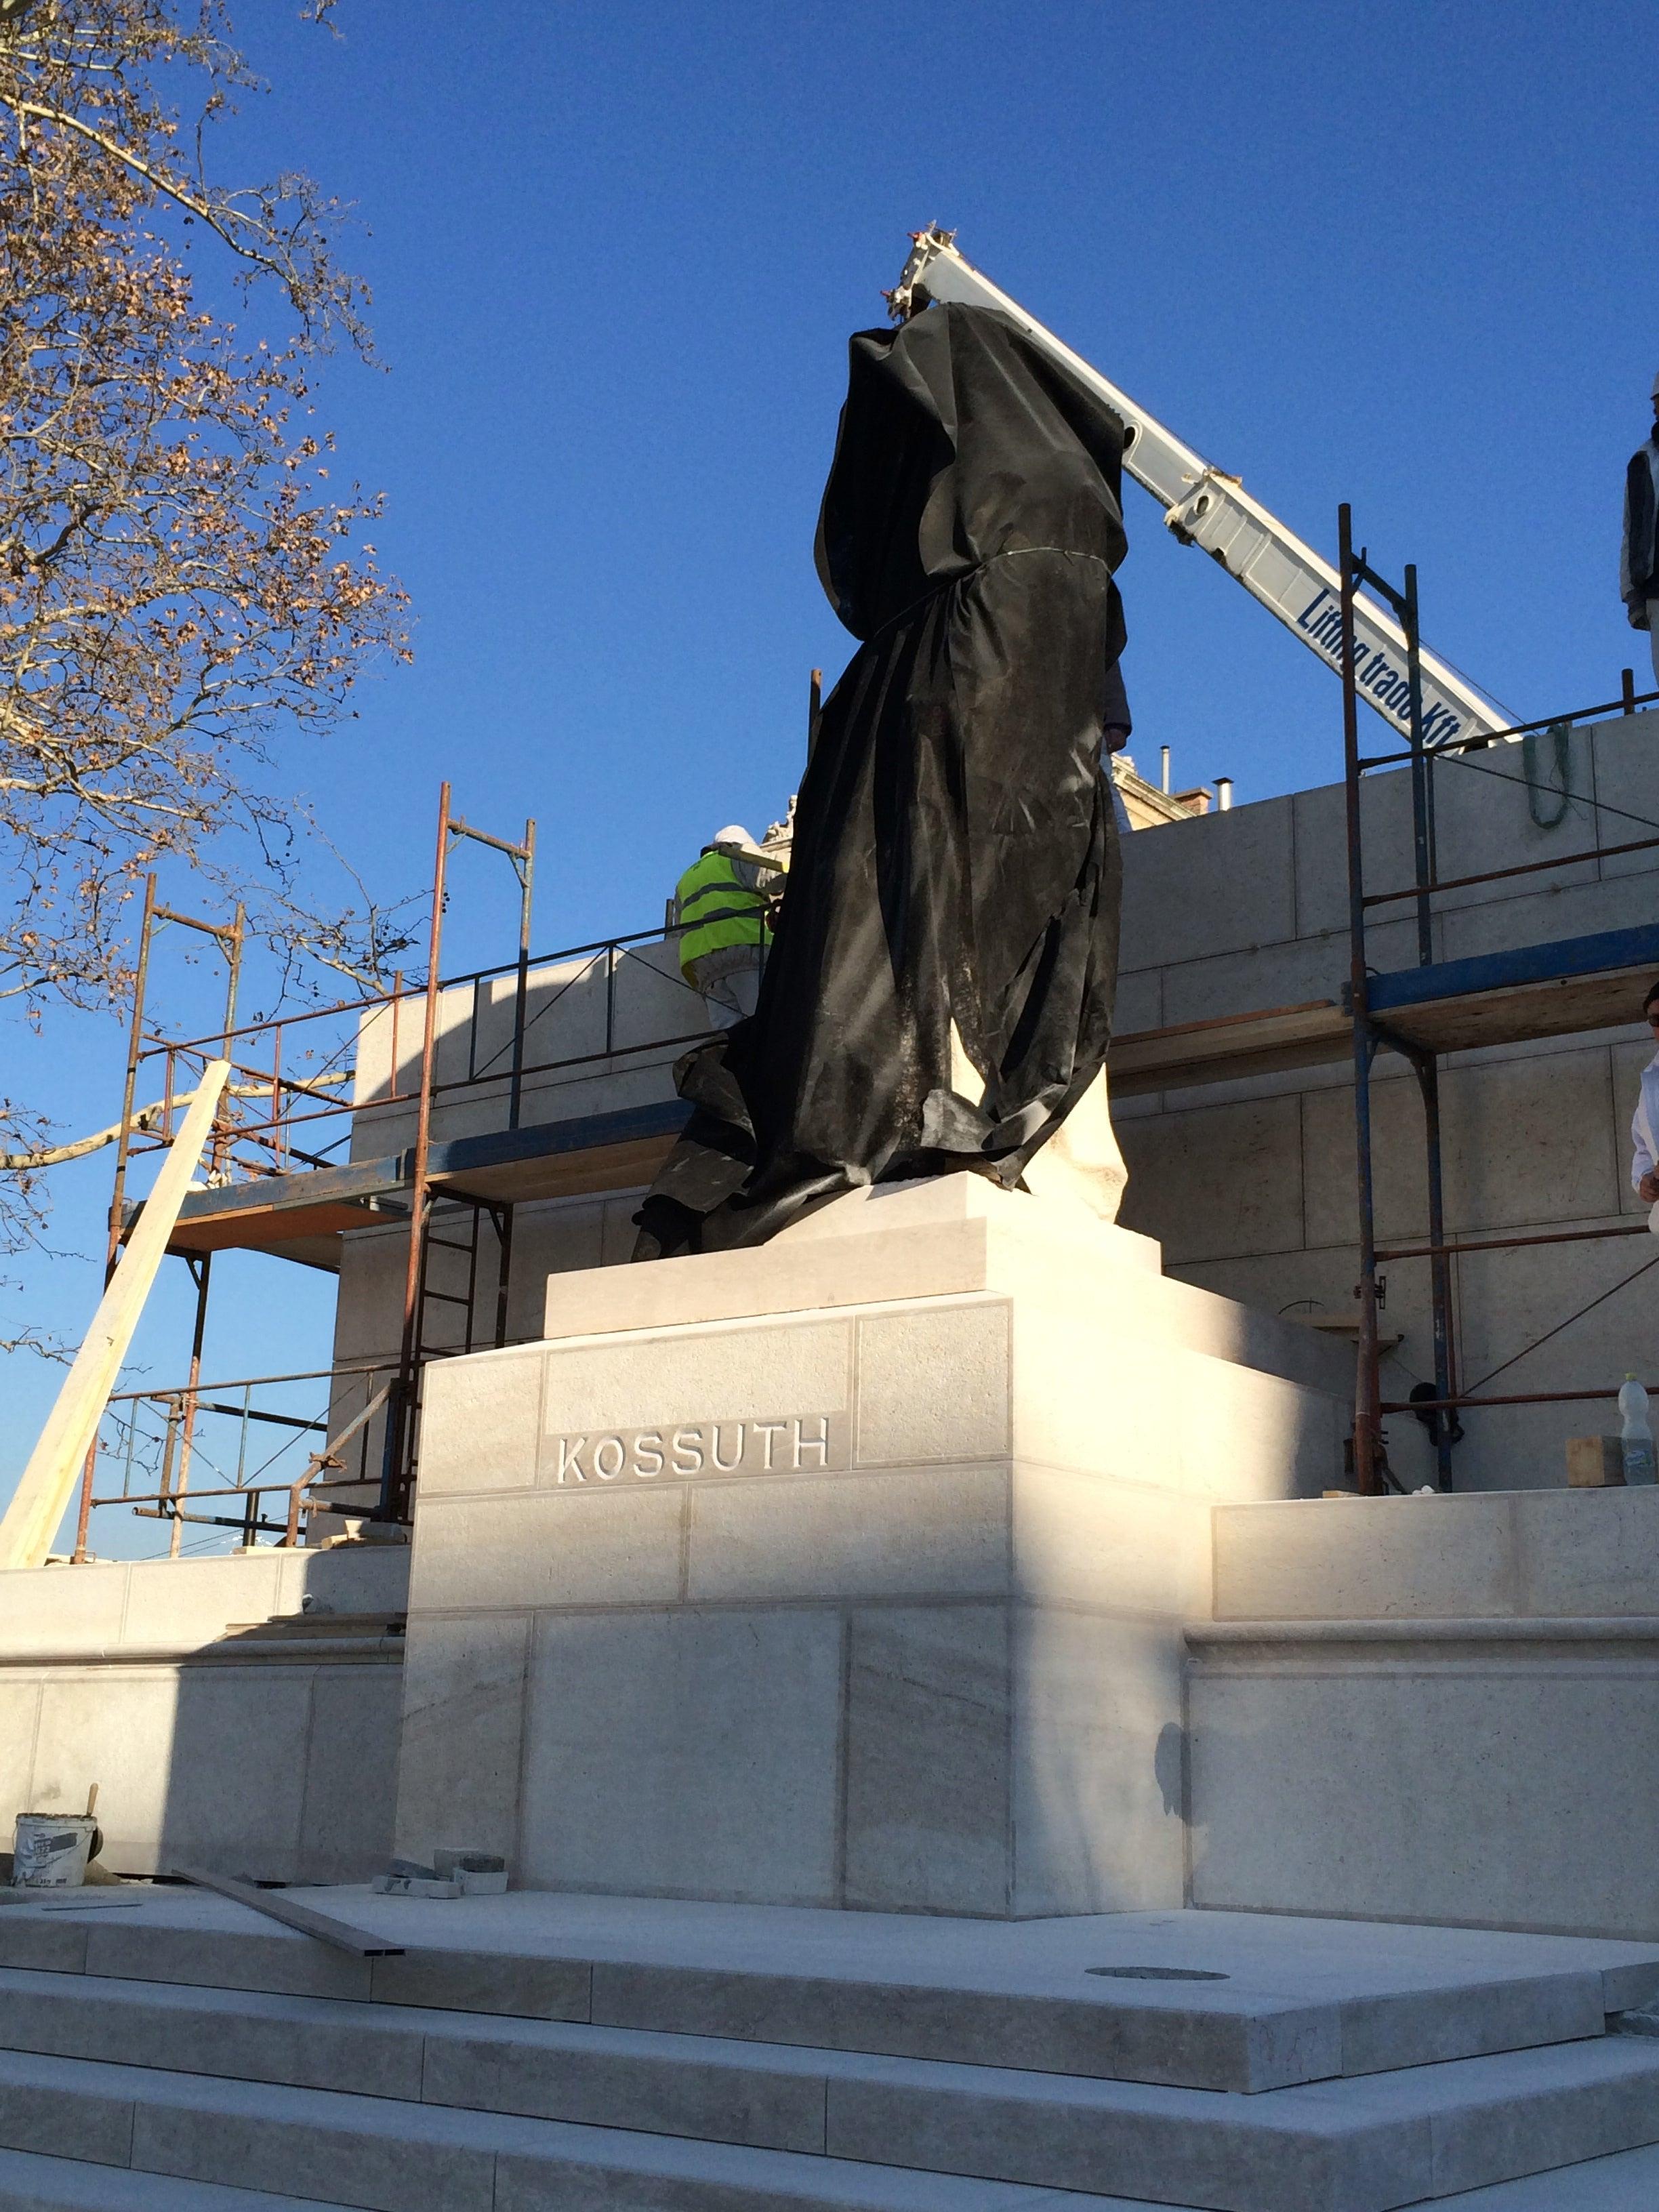 Baromi jó lett az új Kossuth tér, nem támadt fel Horthy